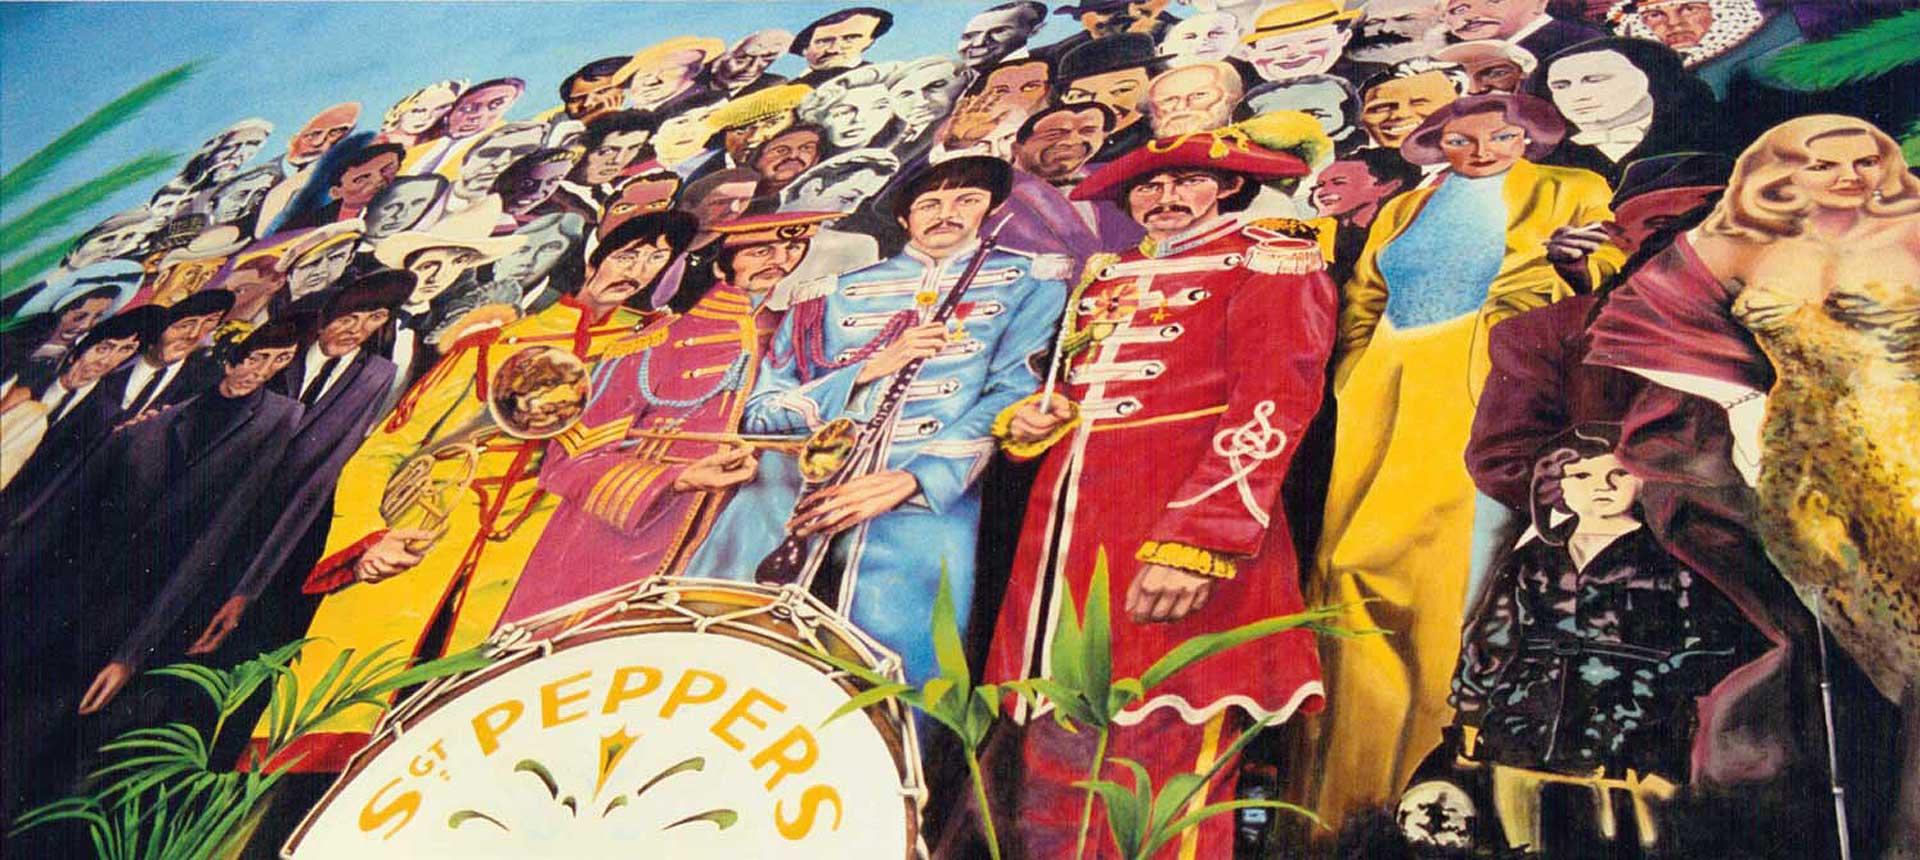 Beatlescover Sgt. Pepper lebensgroß